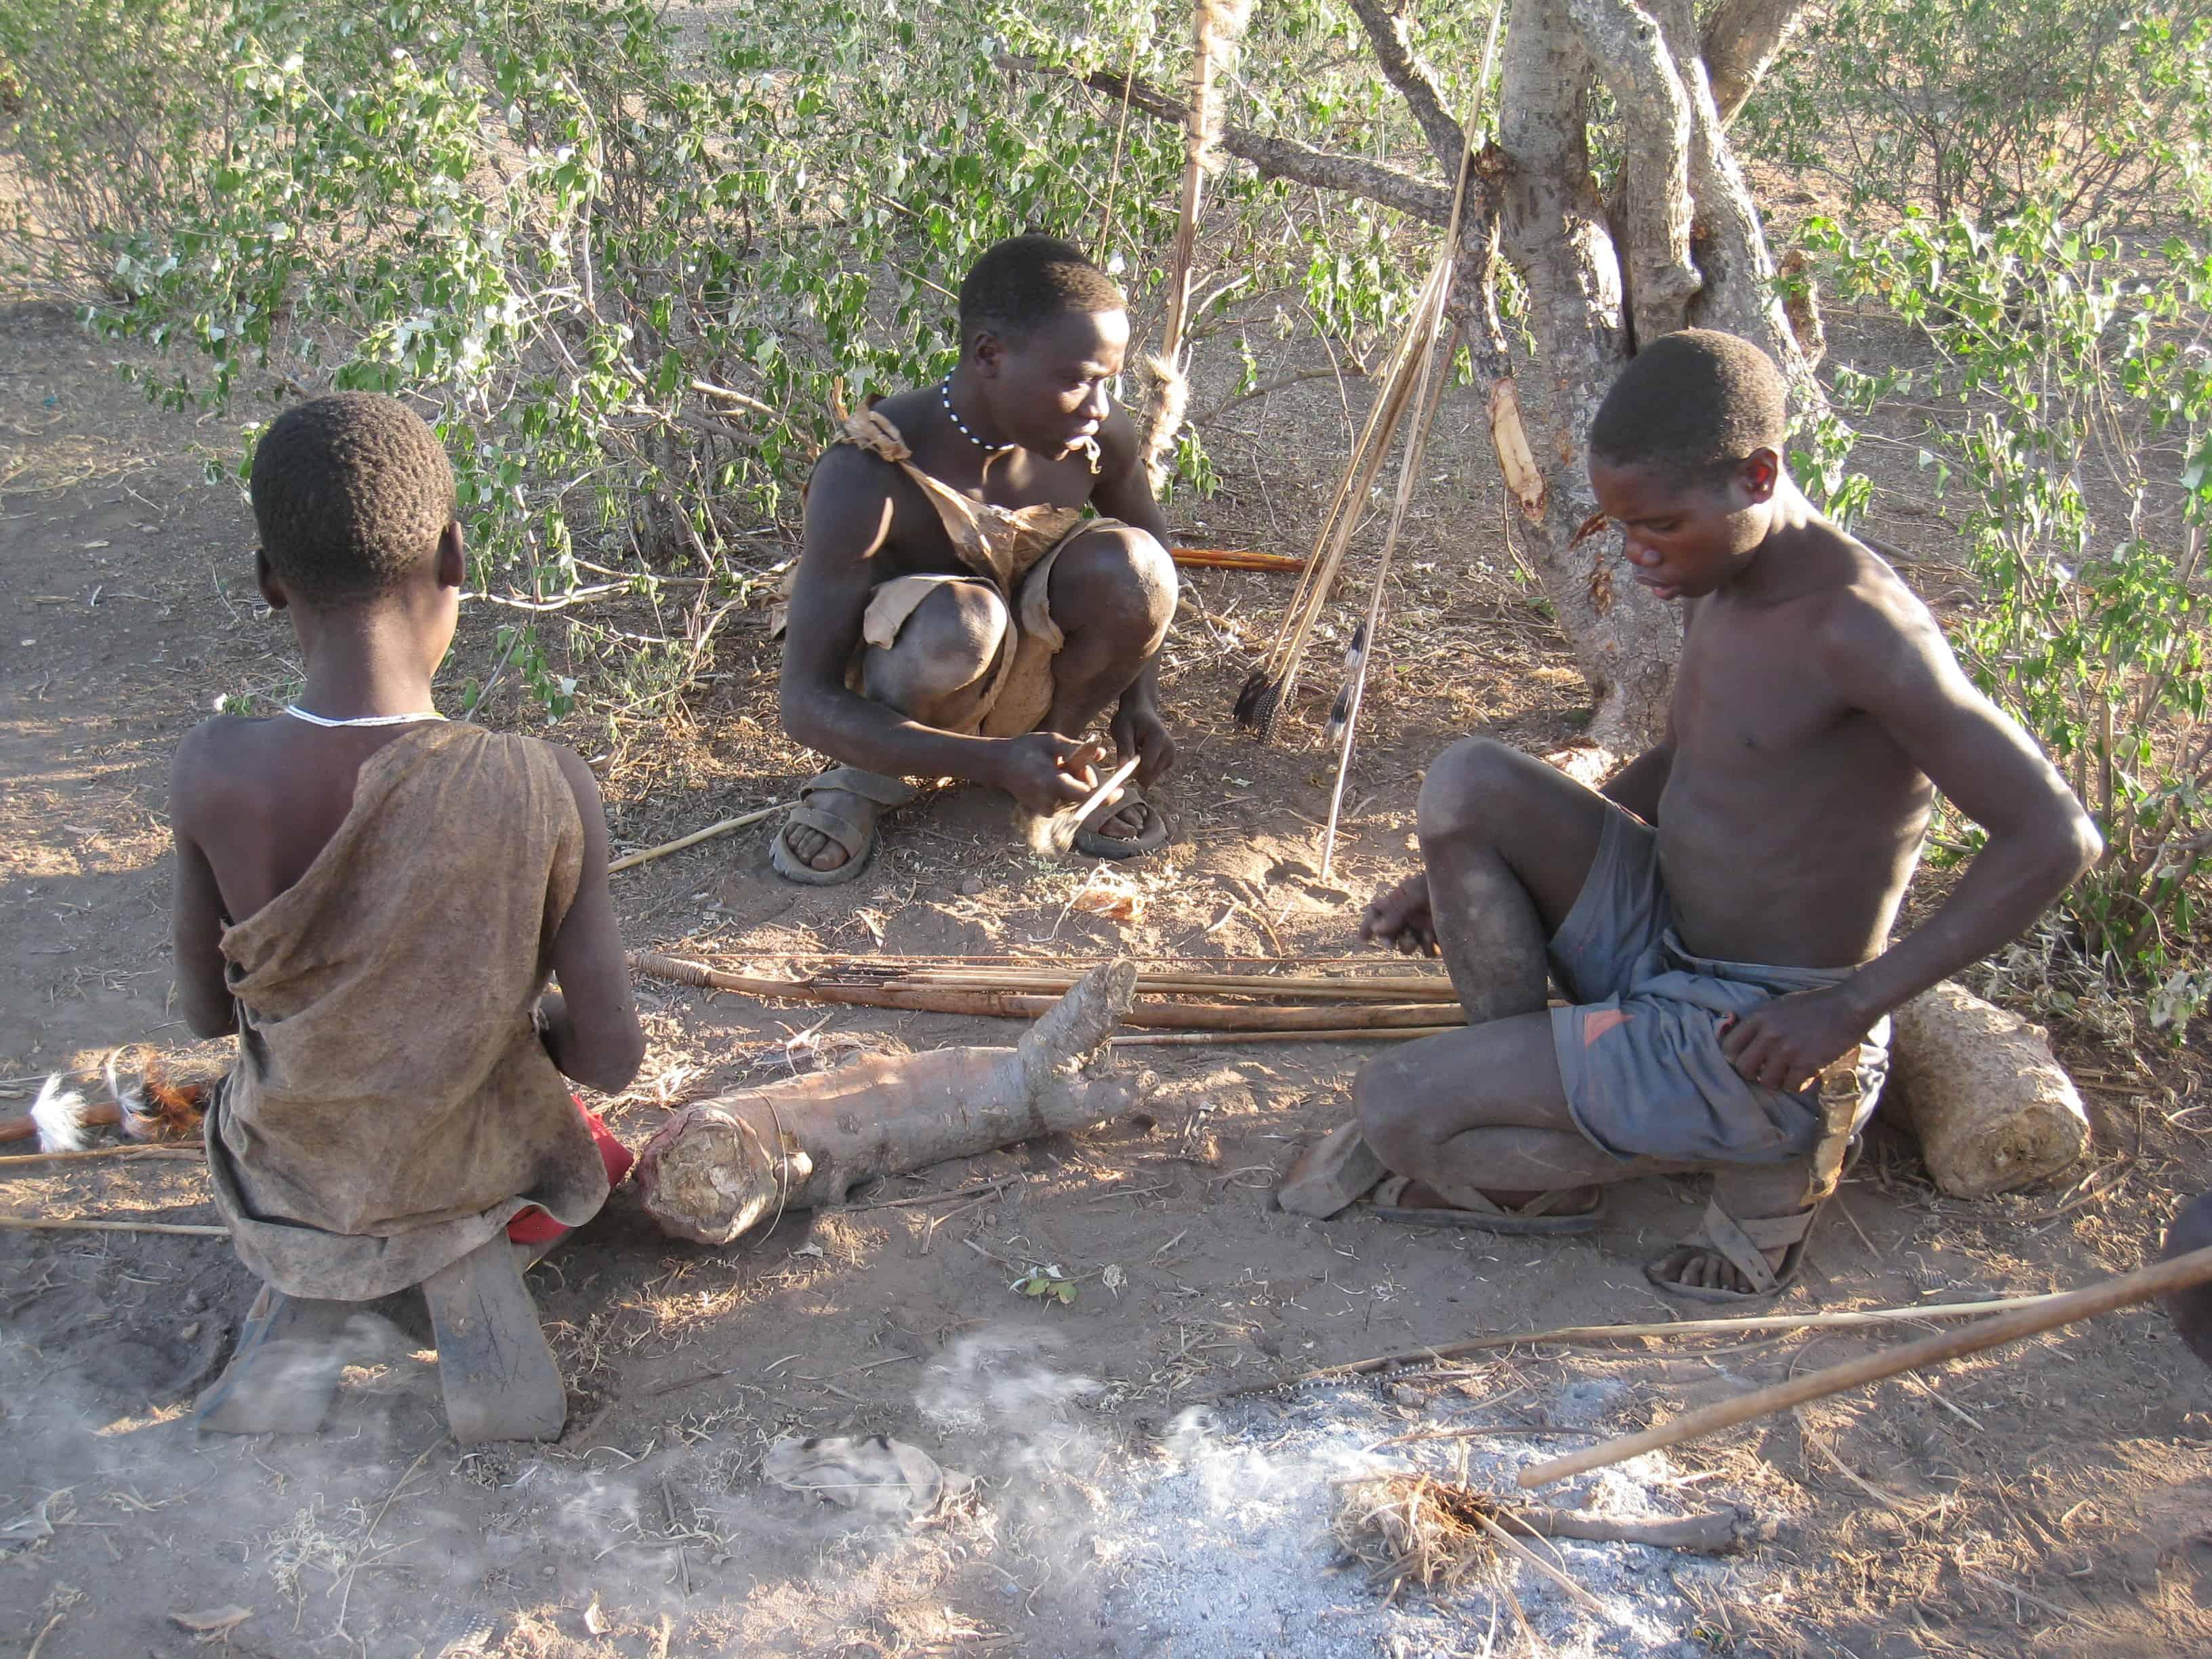 ميكروبات الأمعاء عند القبائل البدائية تكشف عن مشكلة في نظامنا الغذائي